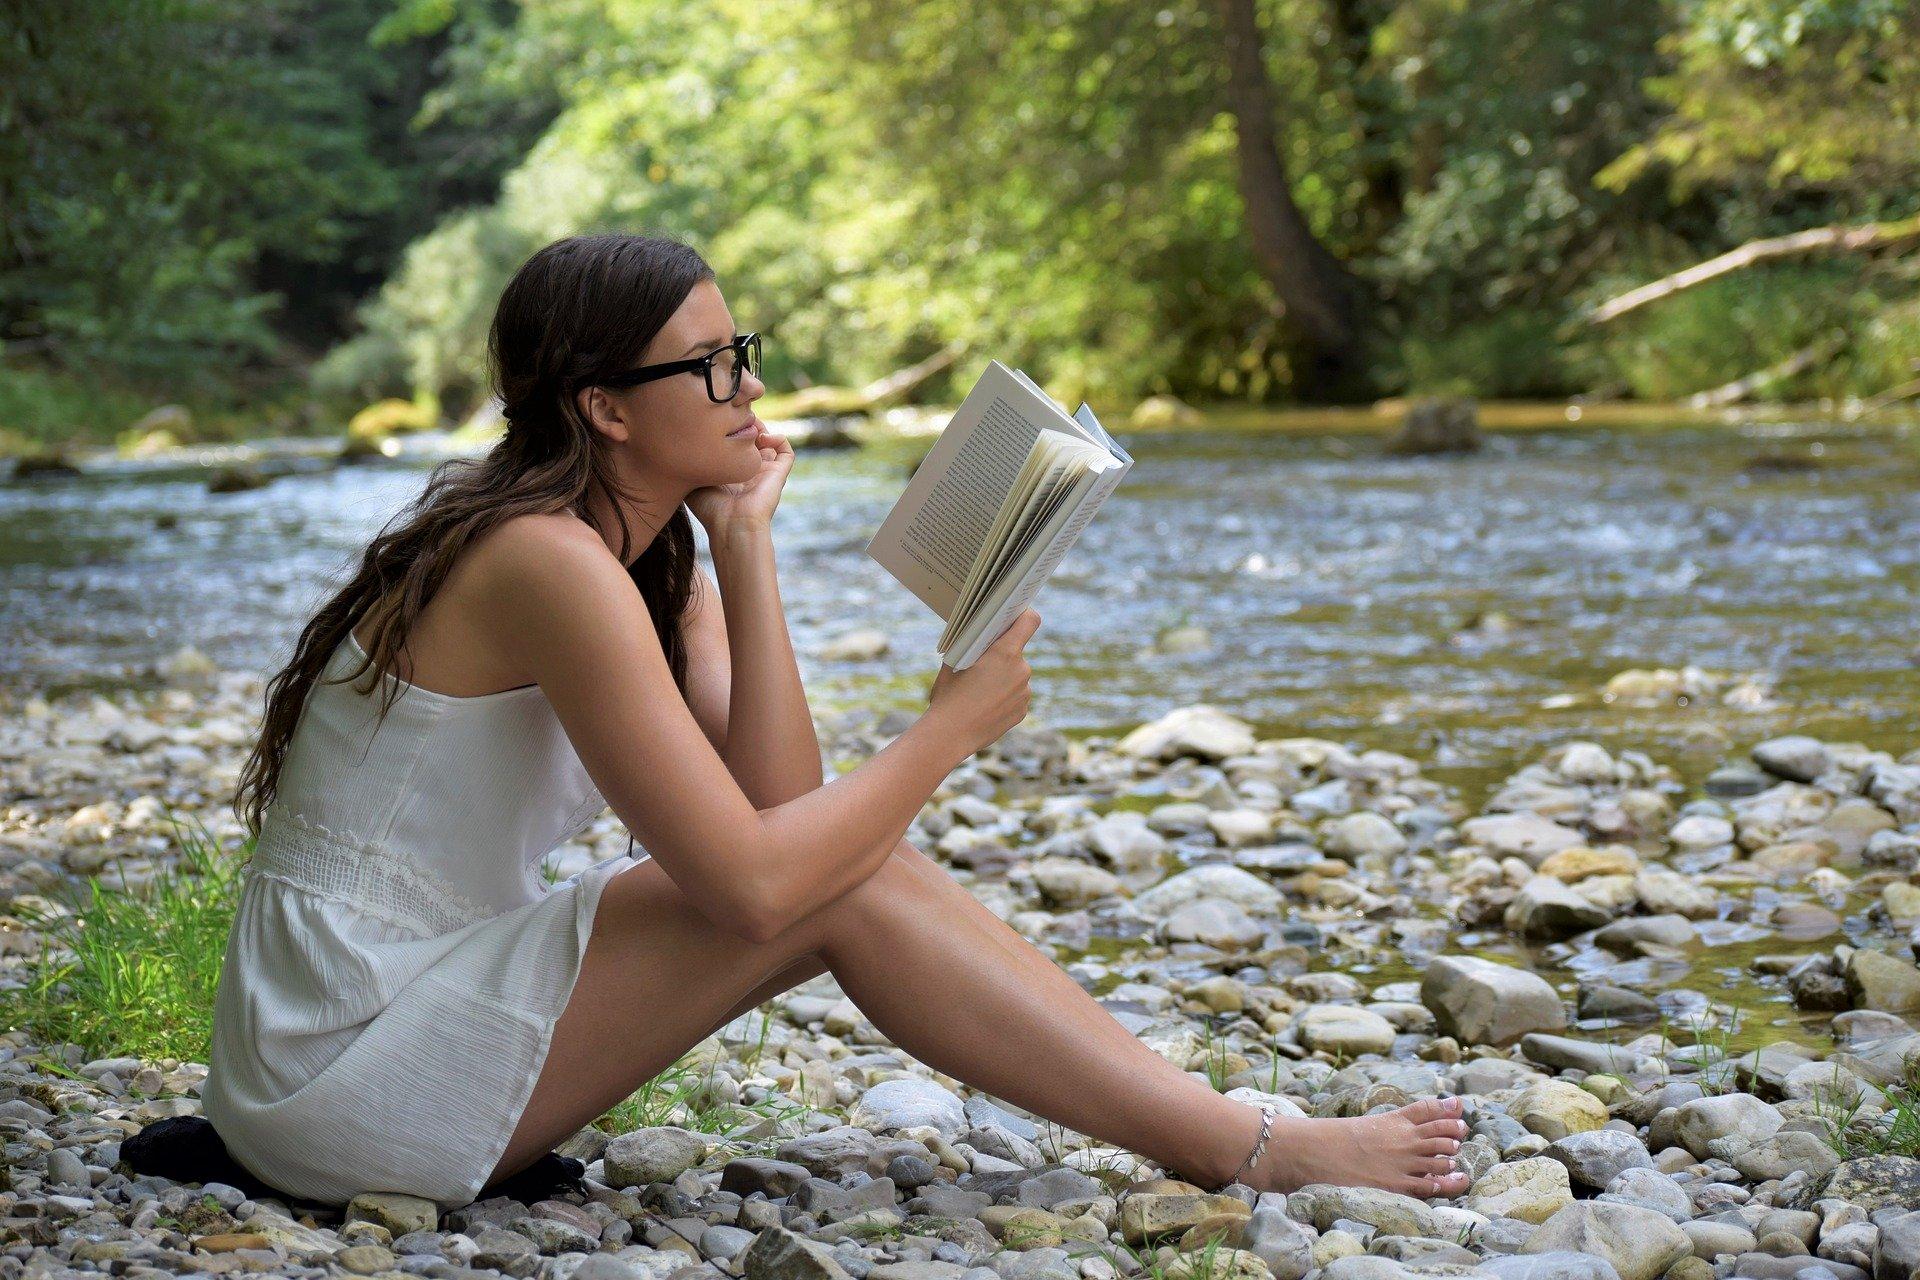 Auf steinigem Untergrund in einem Buch dem Sinn des Lebens nachspüren.